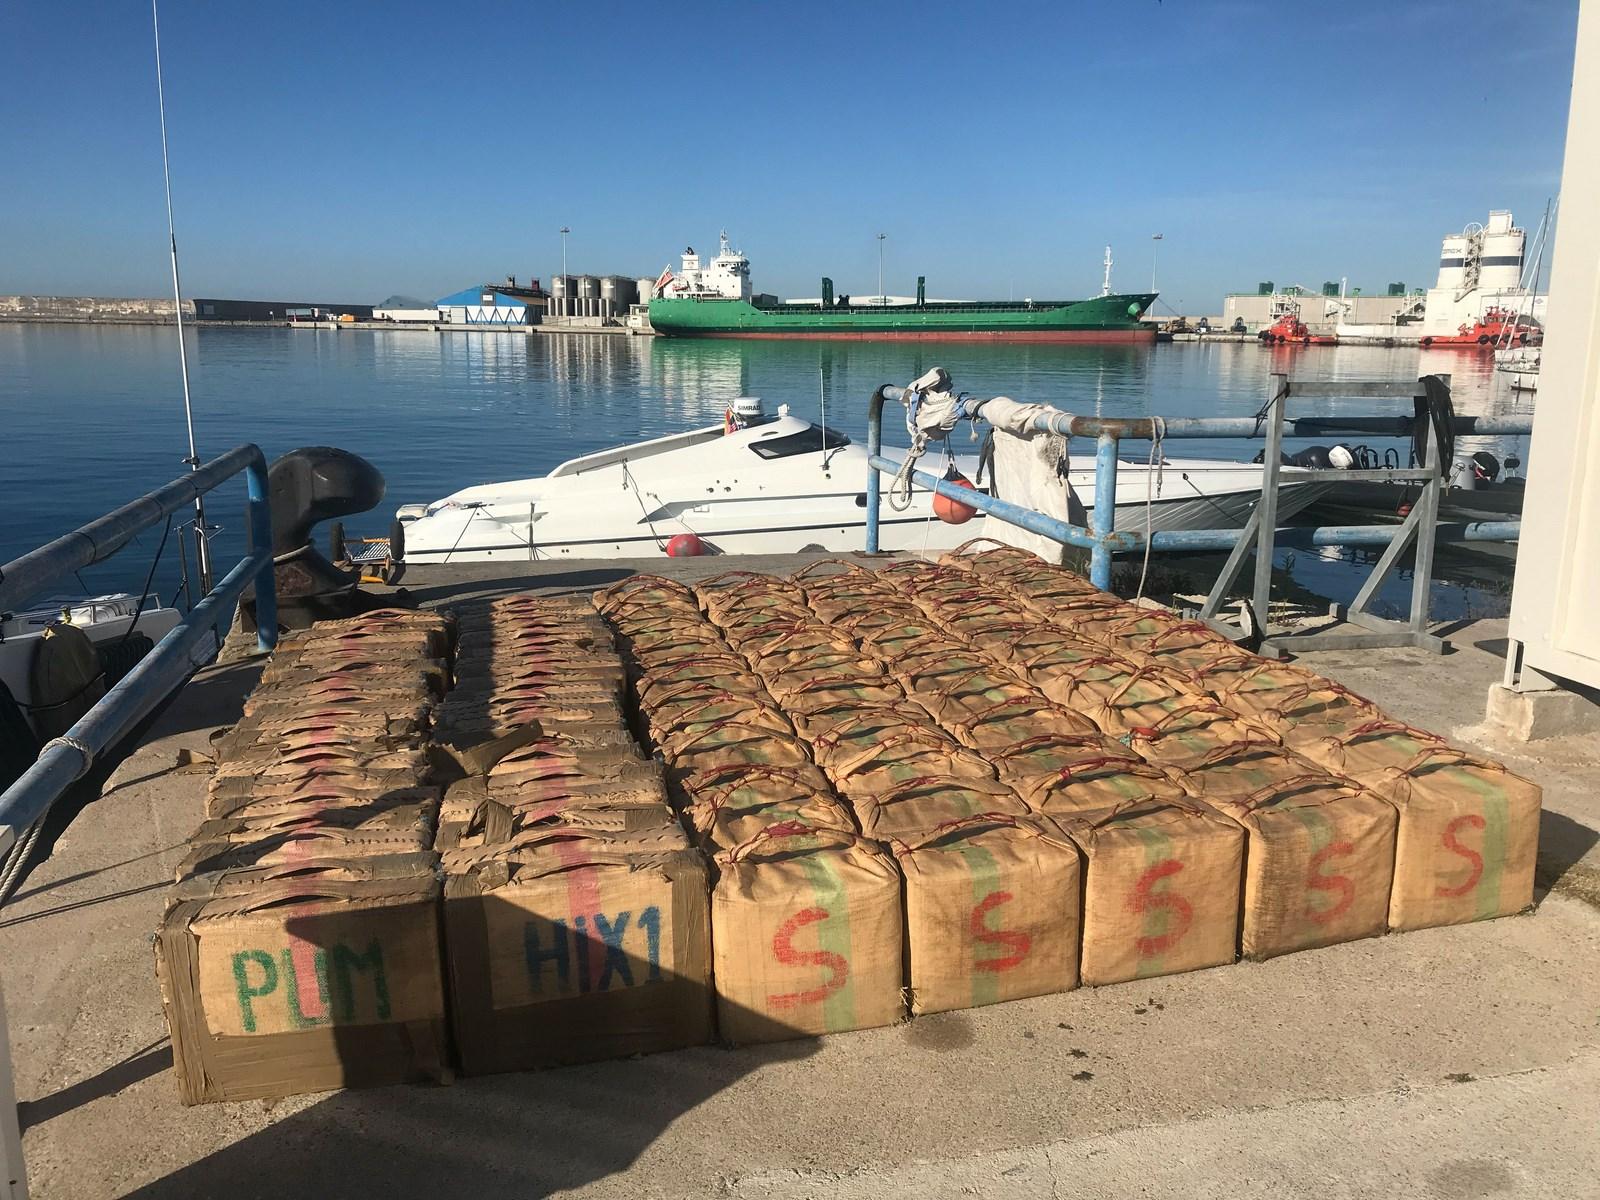 Incautación de 3380 kilos de hachís en la costa de Granada.